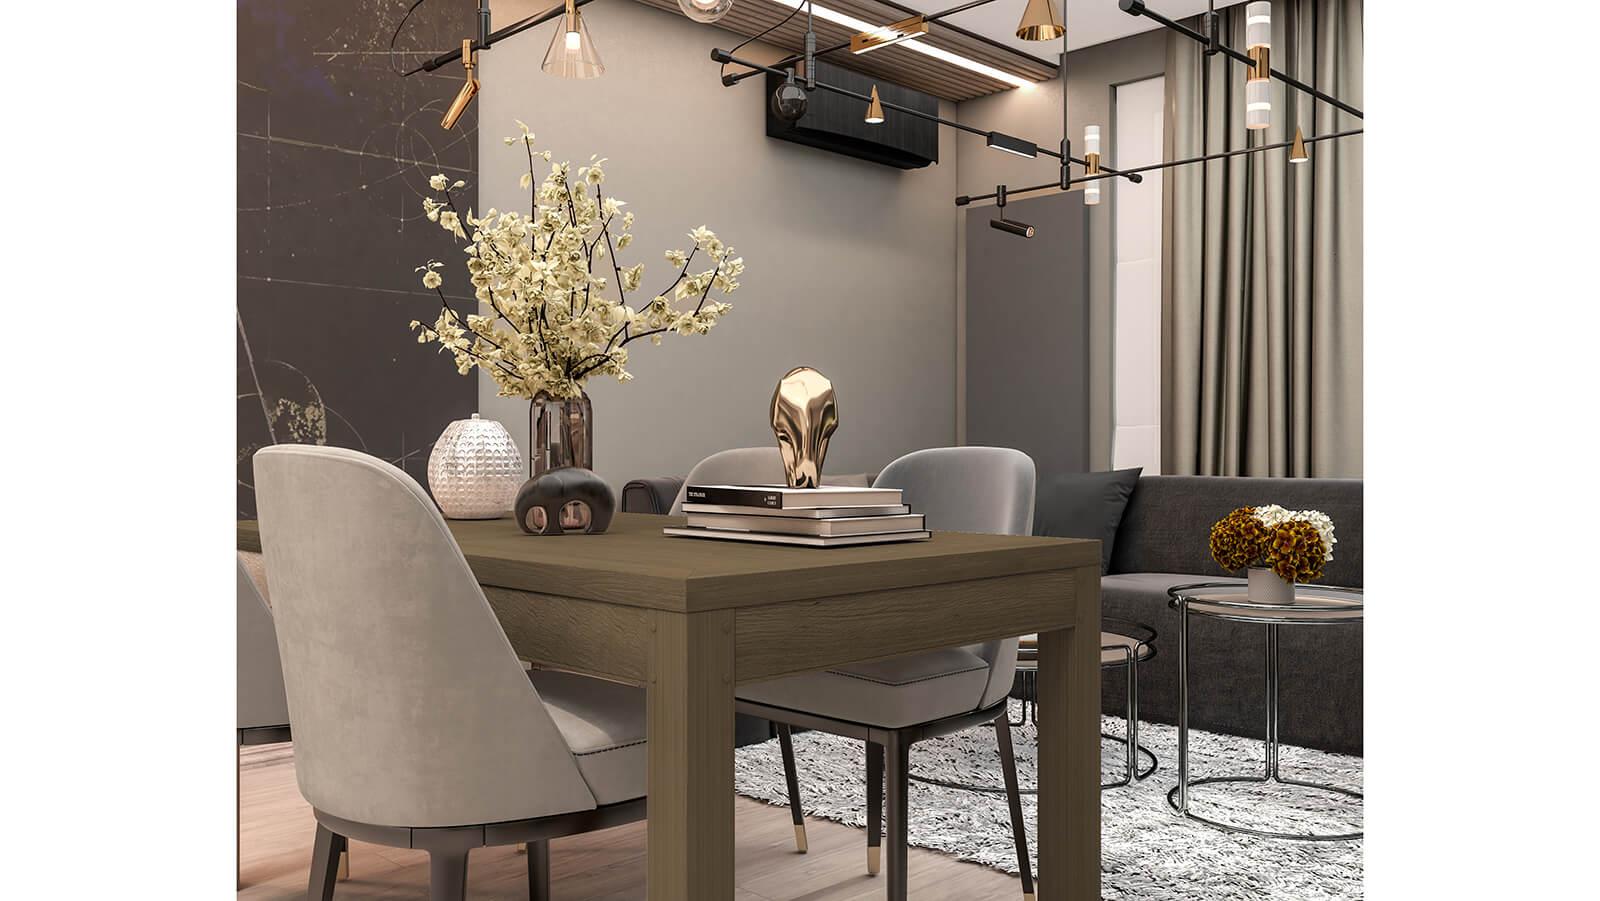 interioren-dizain-proekt-na-vsekidnevna-s-kuhnia-prato (1)